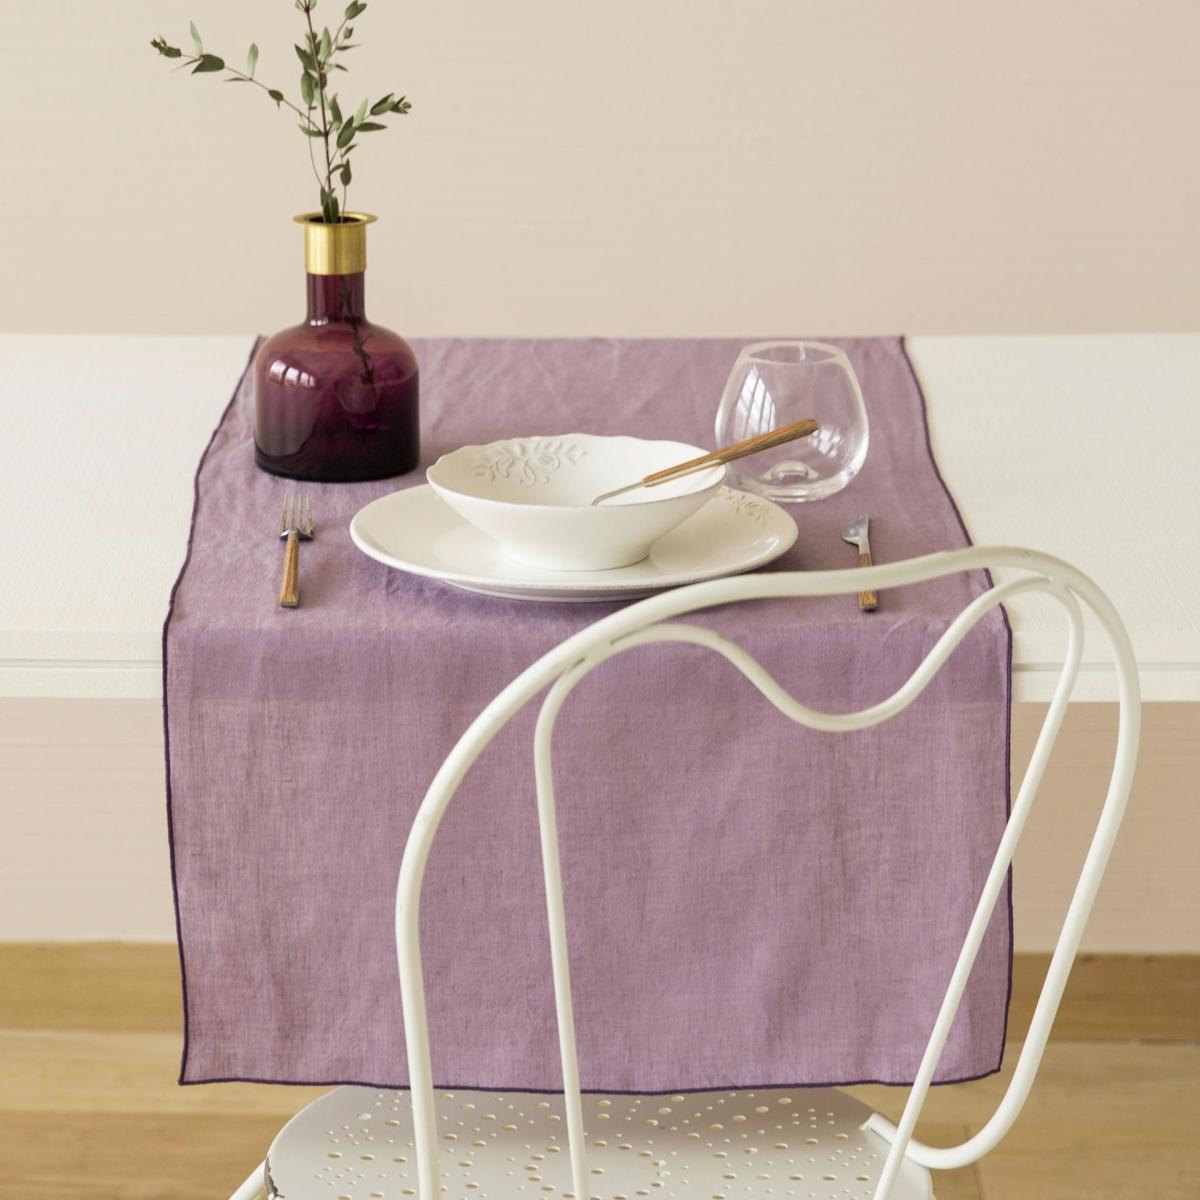 Linen table runner from Zara Home